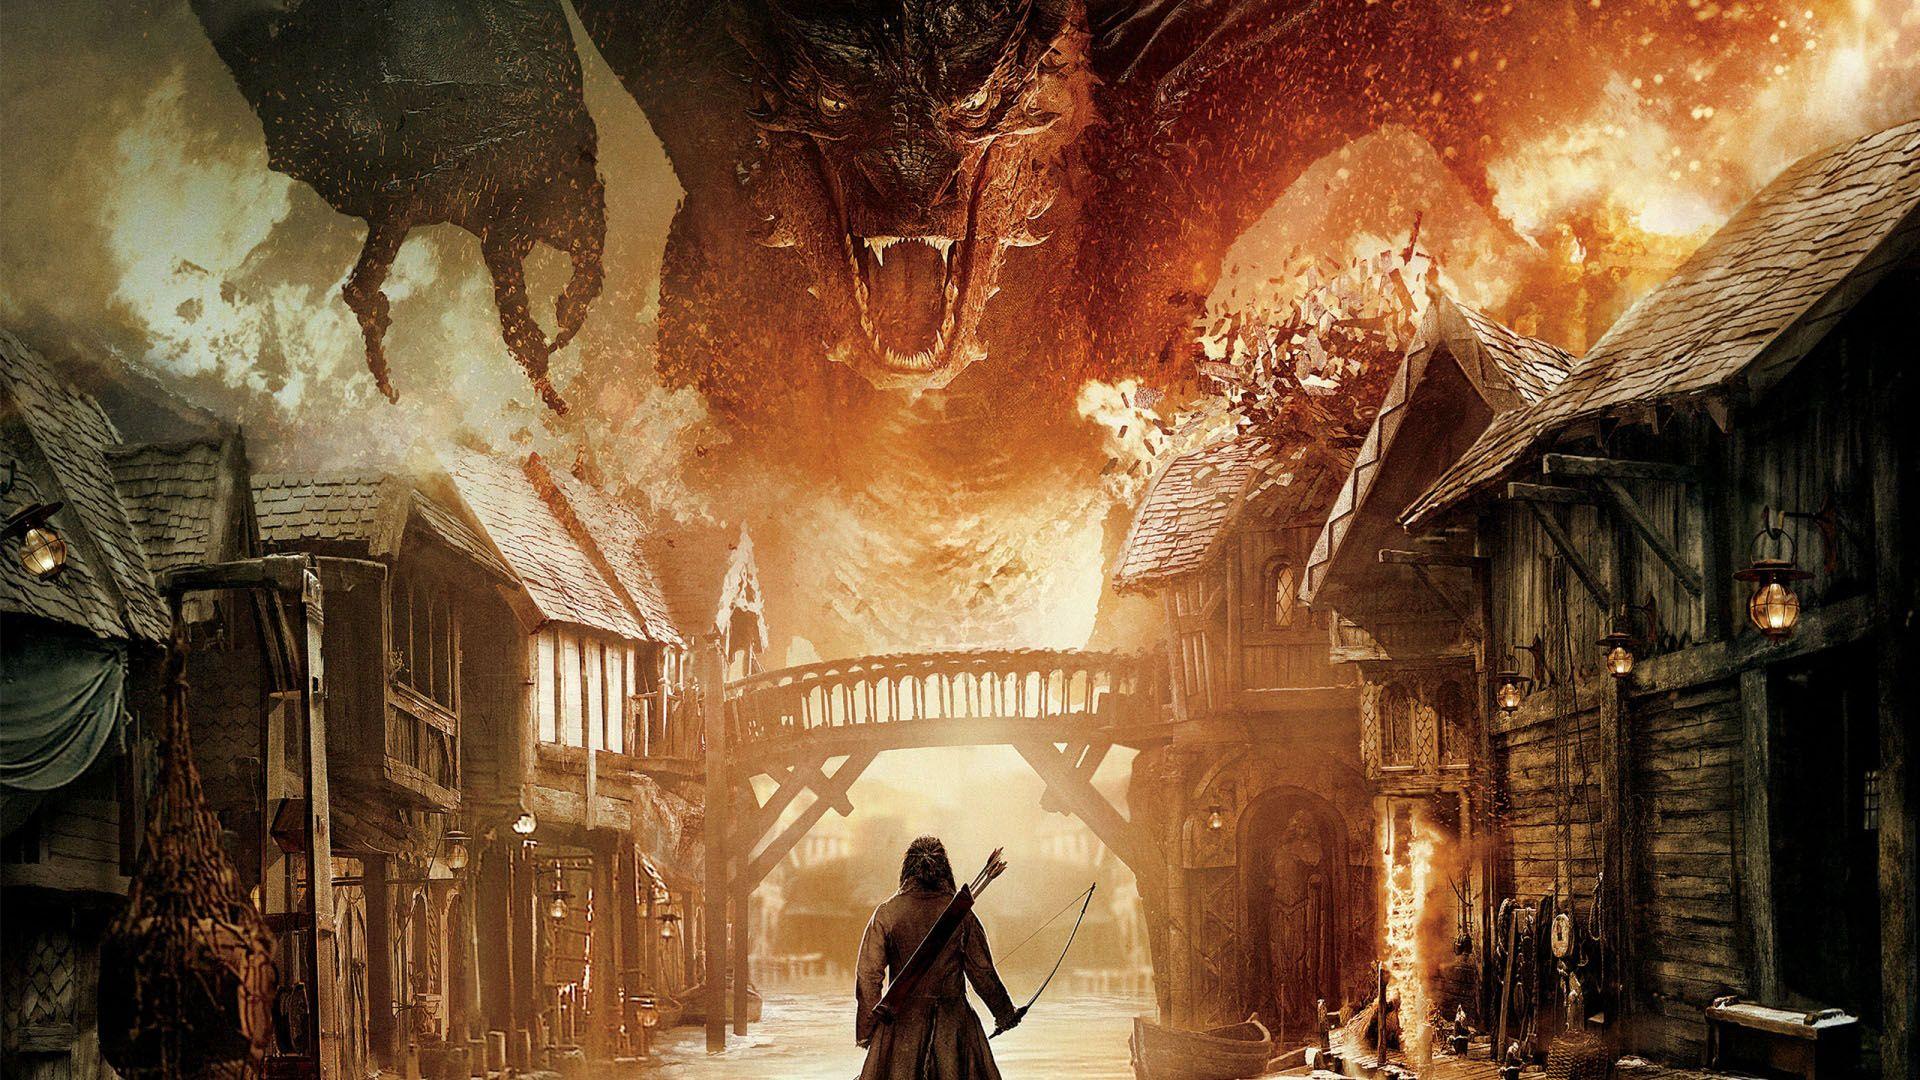 The Hobbit The Battle Of The Five Armies Hd Wallpapers 1920 1080 Pantalla De Cine Hobbit El Senor De Los Anillos